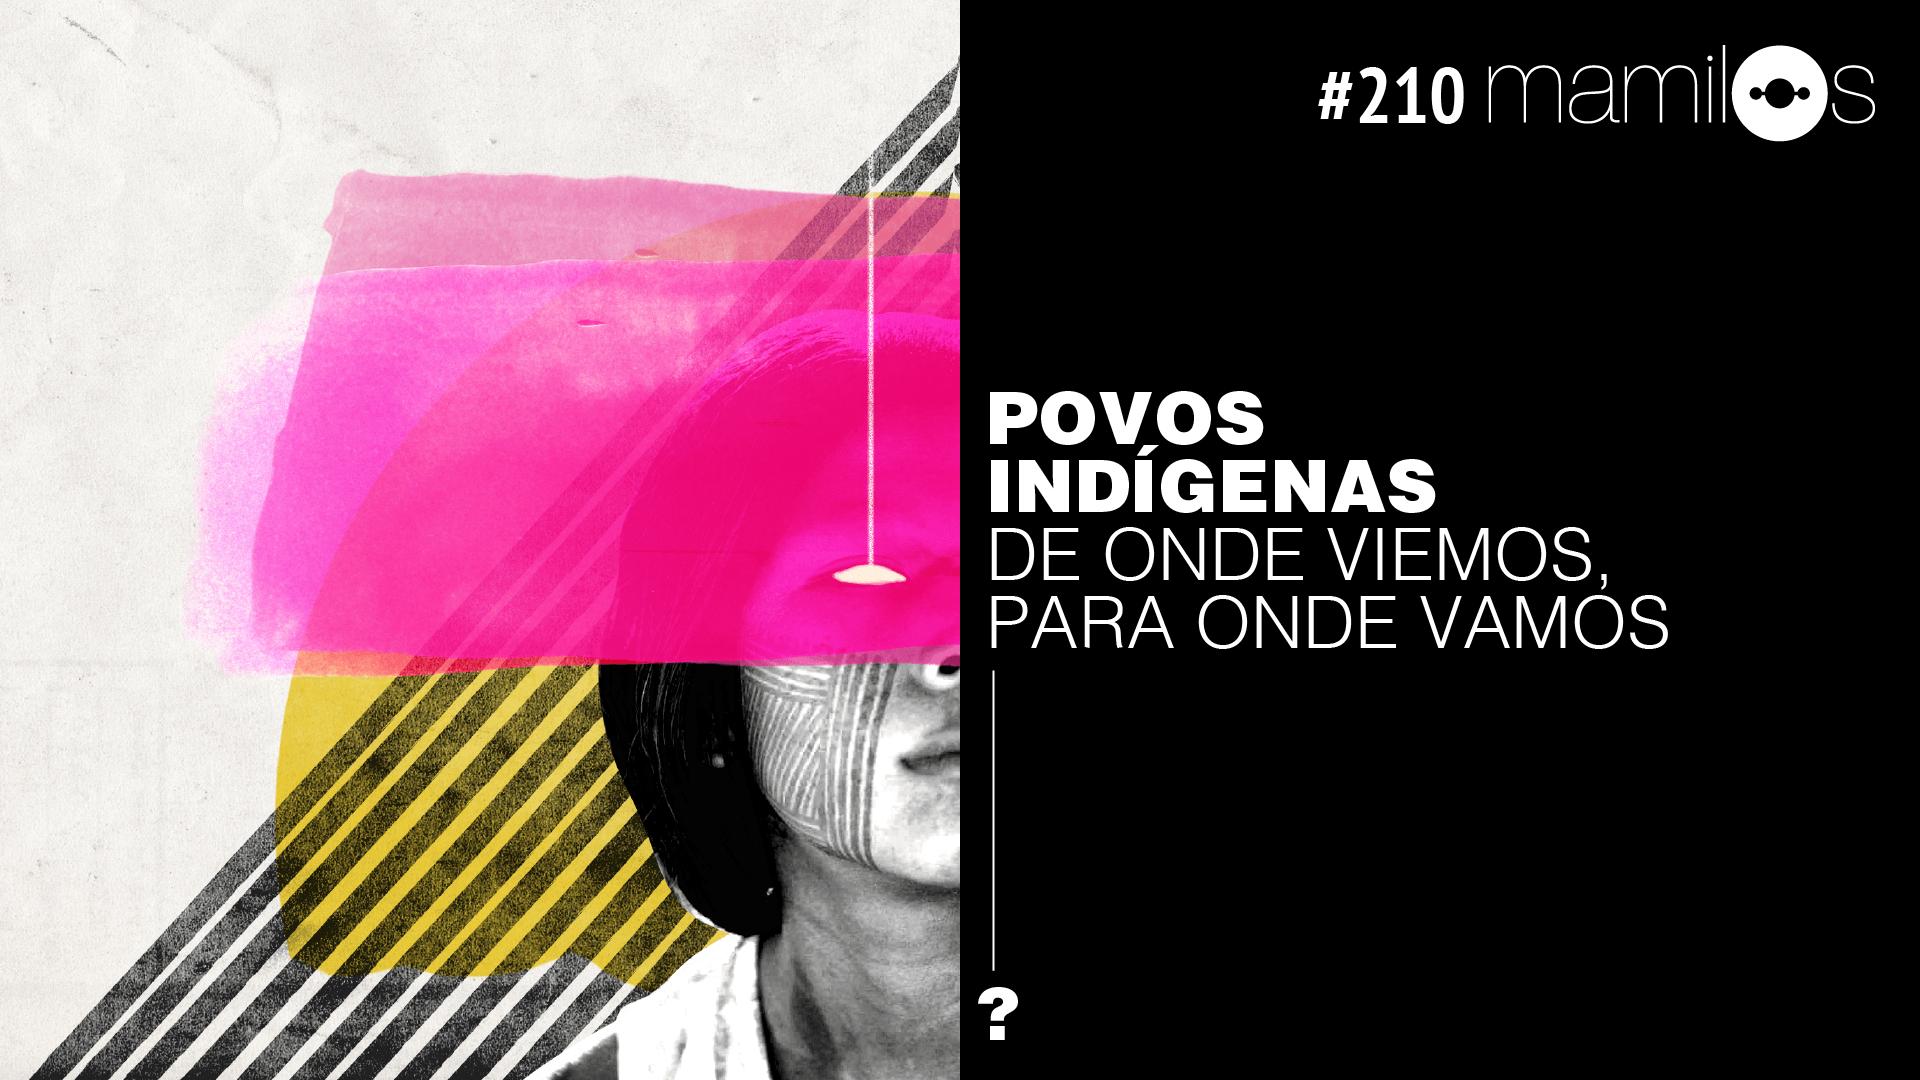 Mamilos 210 – Povos indígenas: de onde viemos, para onde vamos